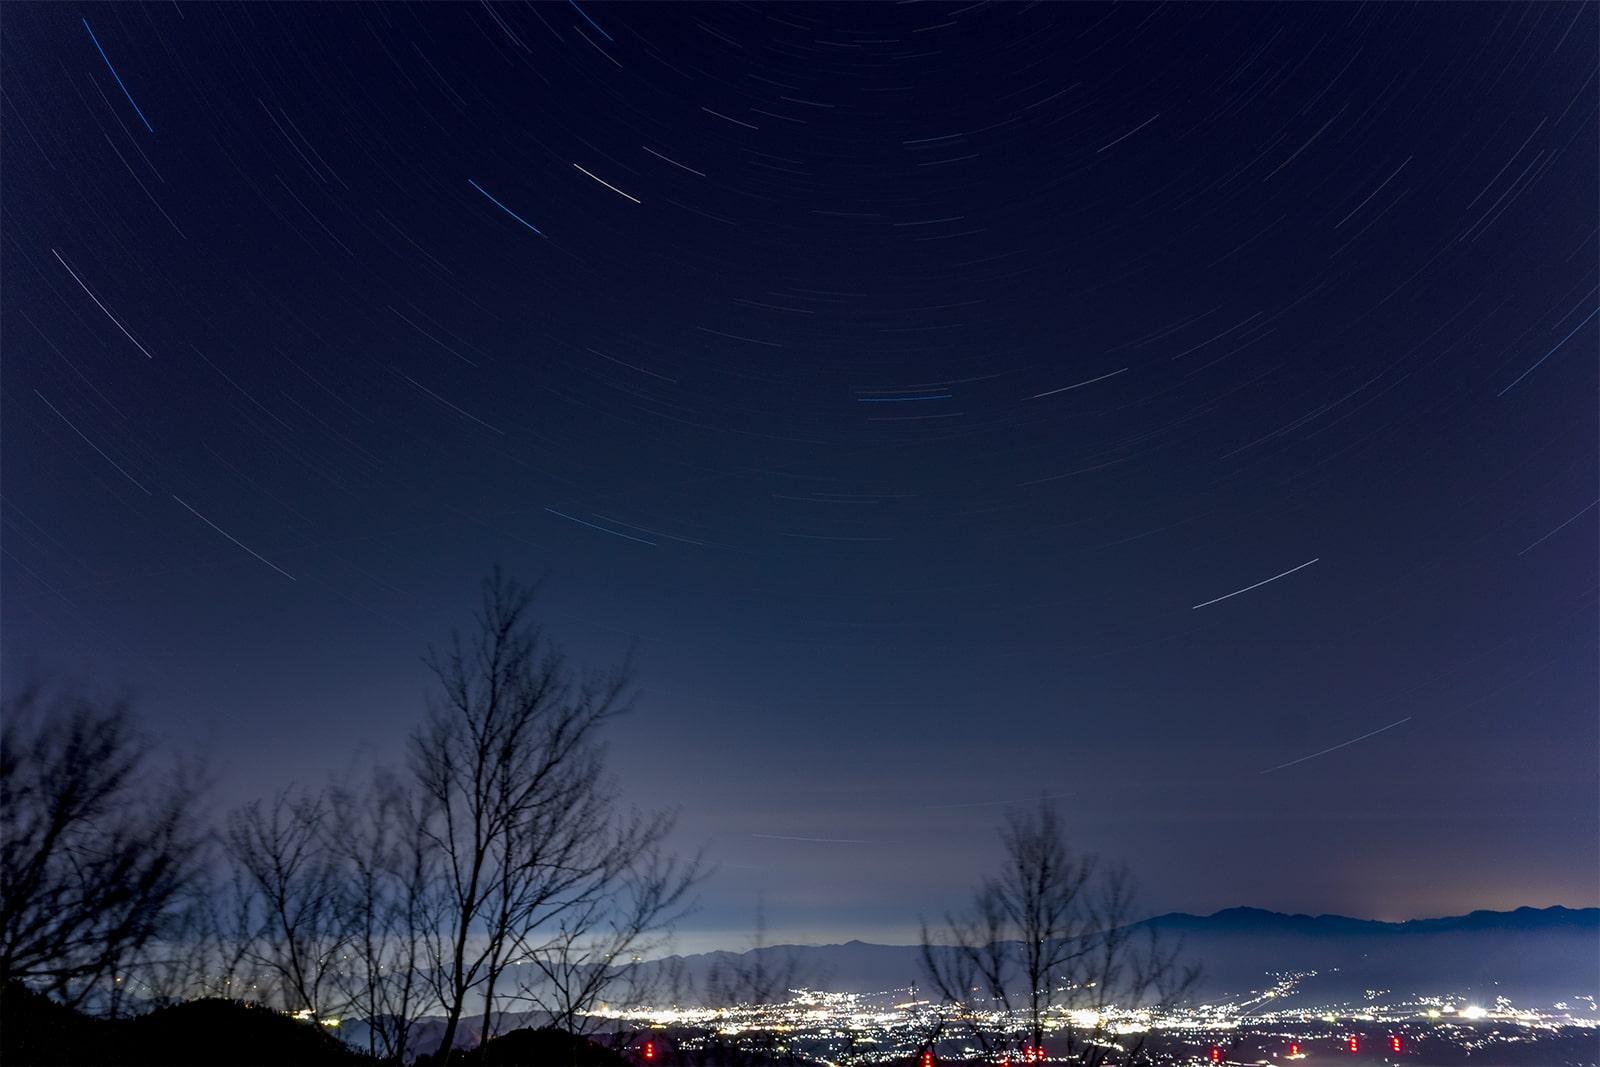 浅間山と佐久平の夜景と満天の星空を楽しめる夜の大河原峠